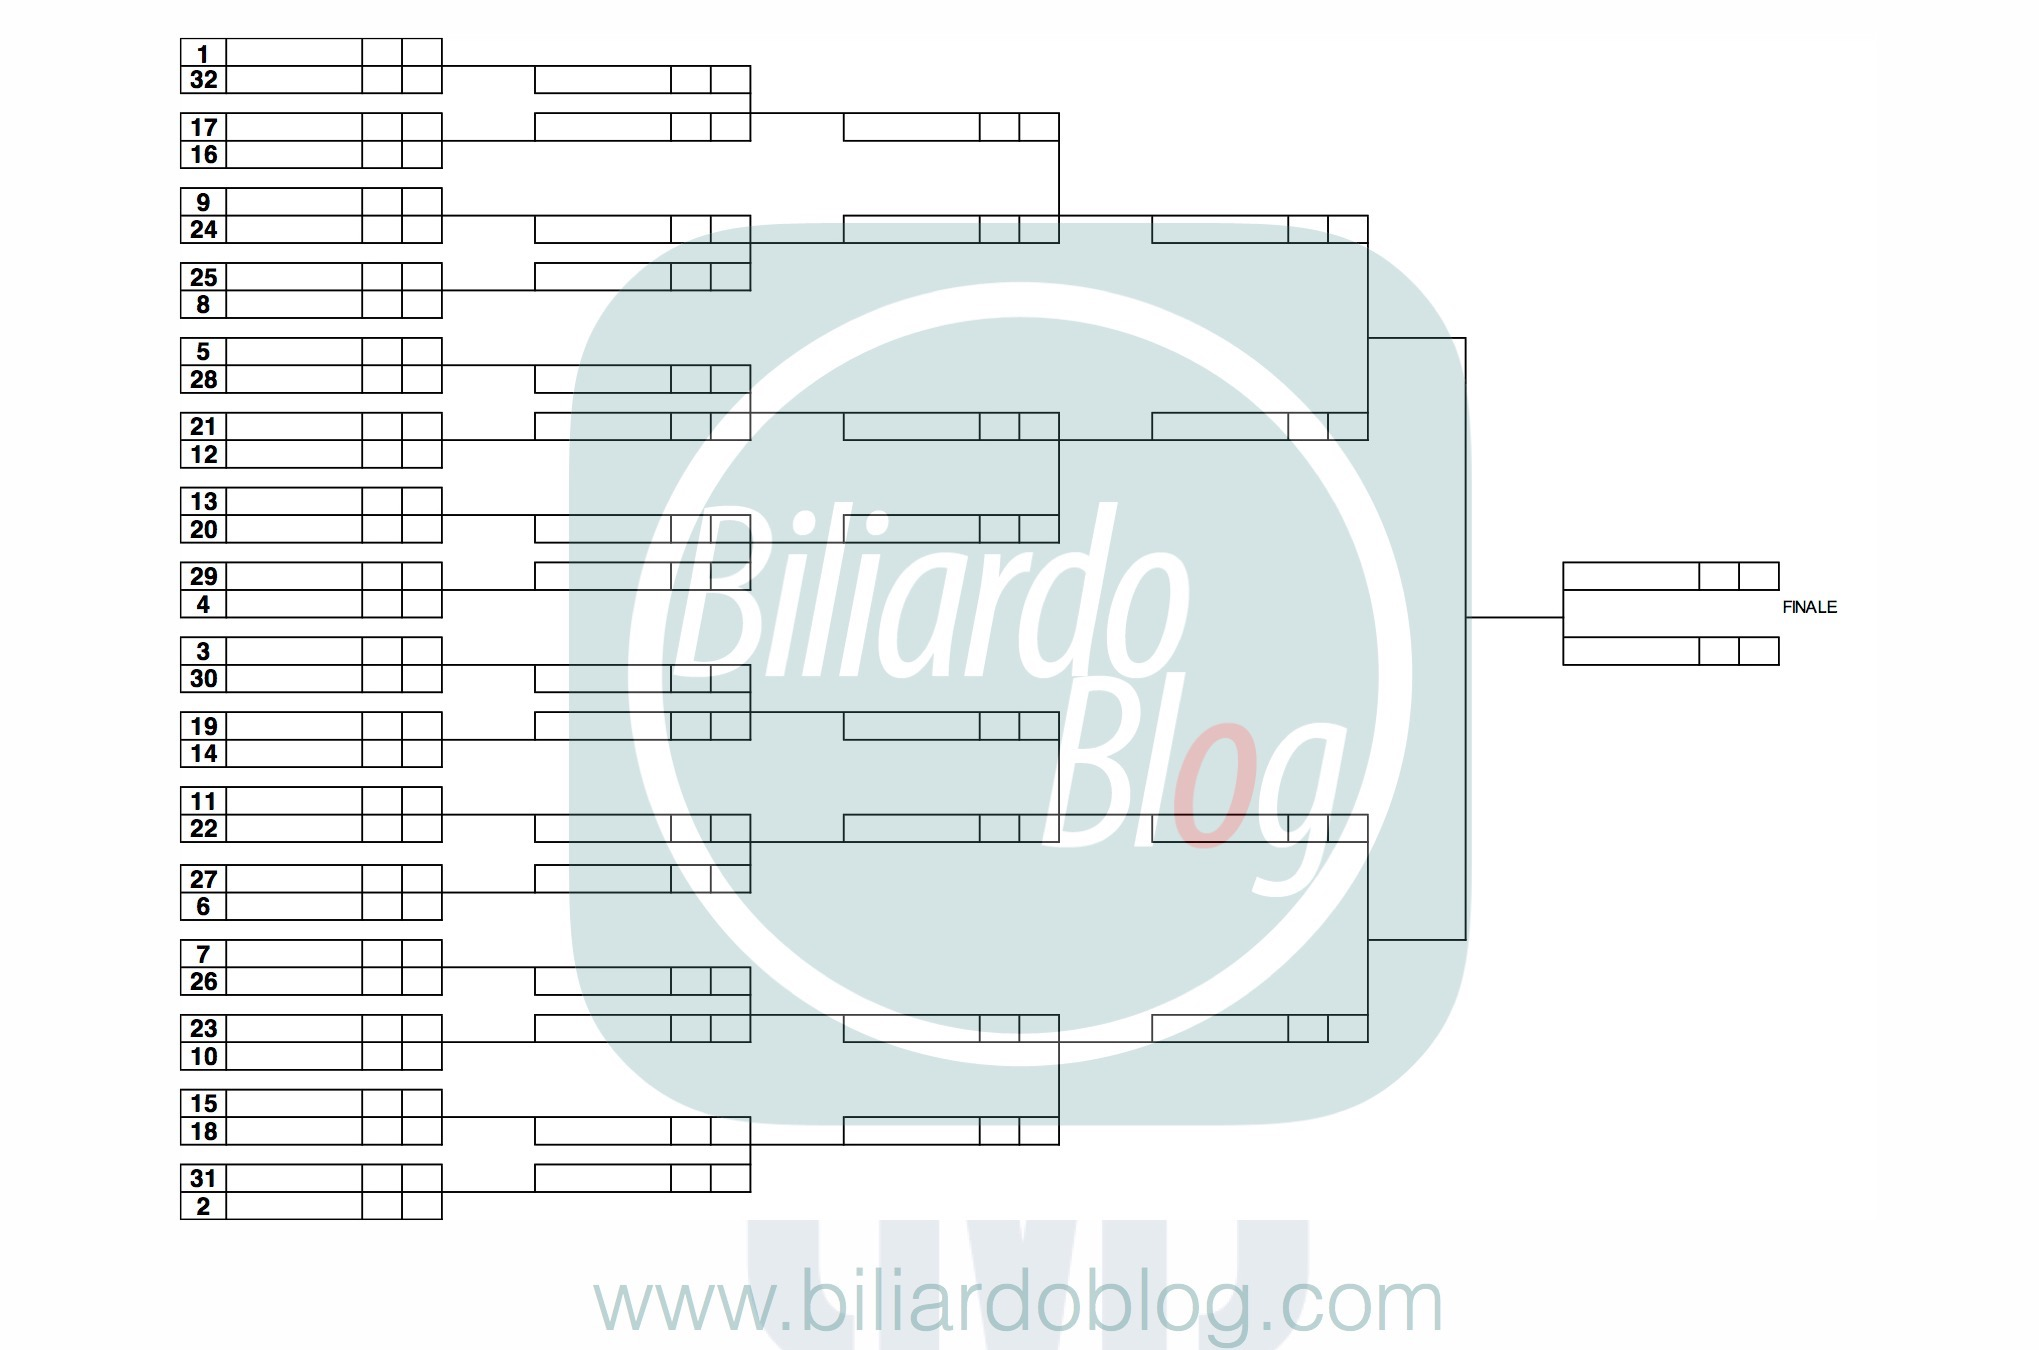 campionato del Mondo di Biliardo 2017: la griglia finale.